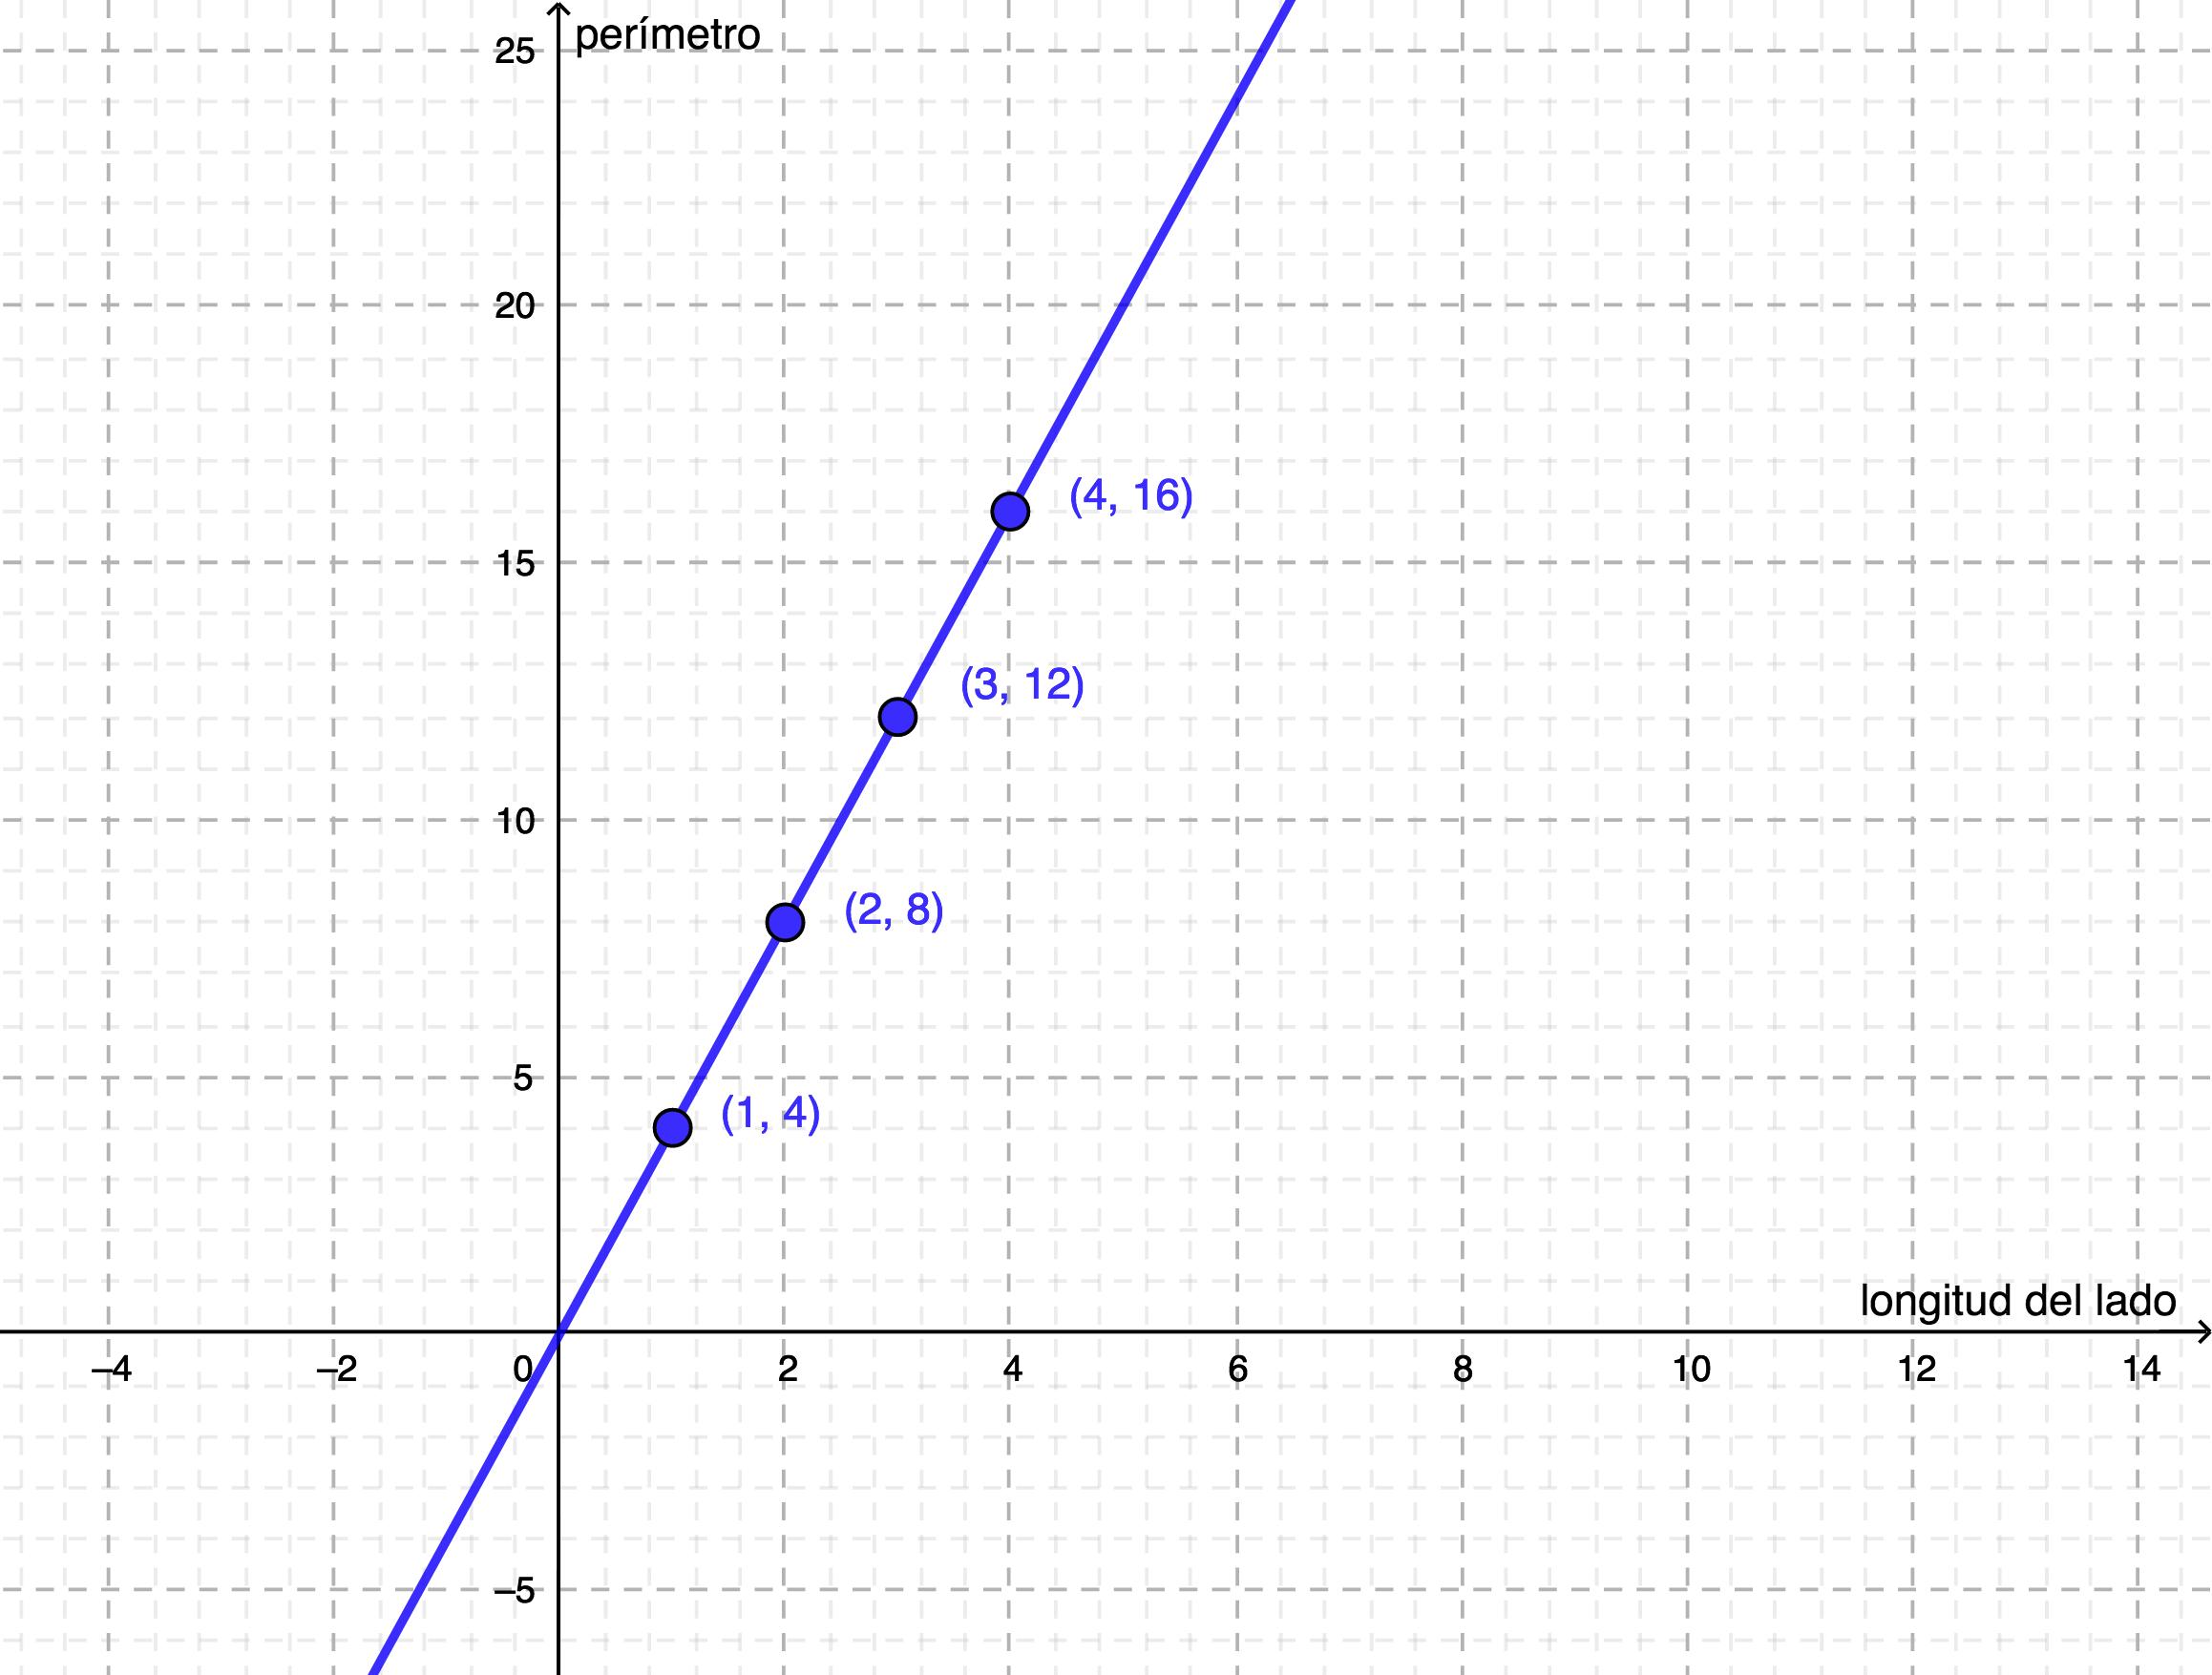 Cuando las variables son continuas se pueden unir los datos de la tabla de valores